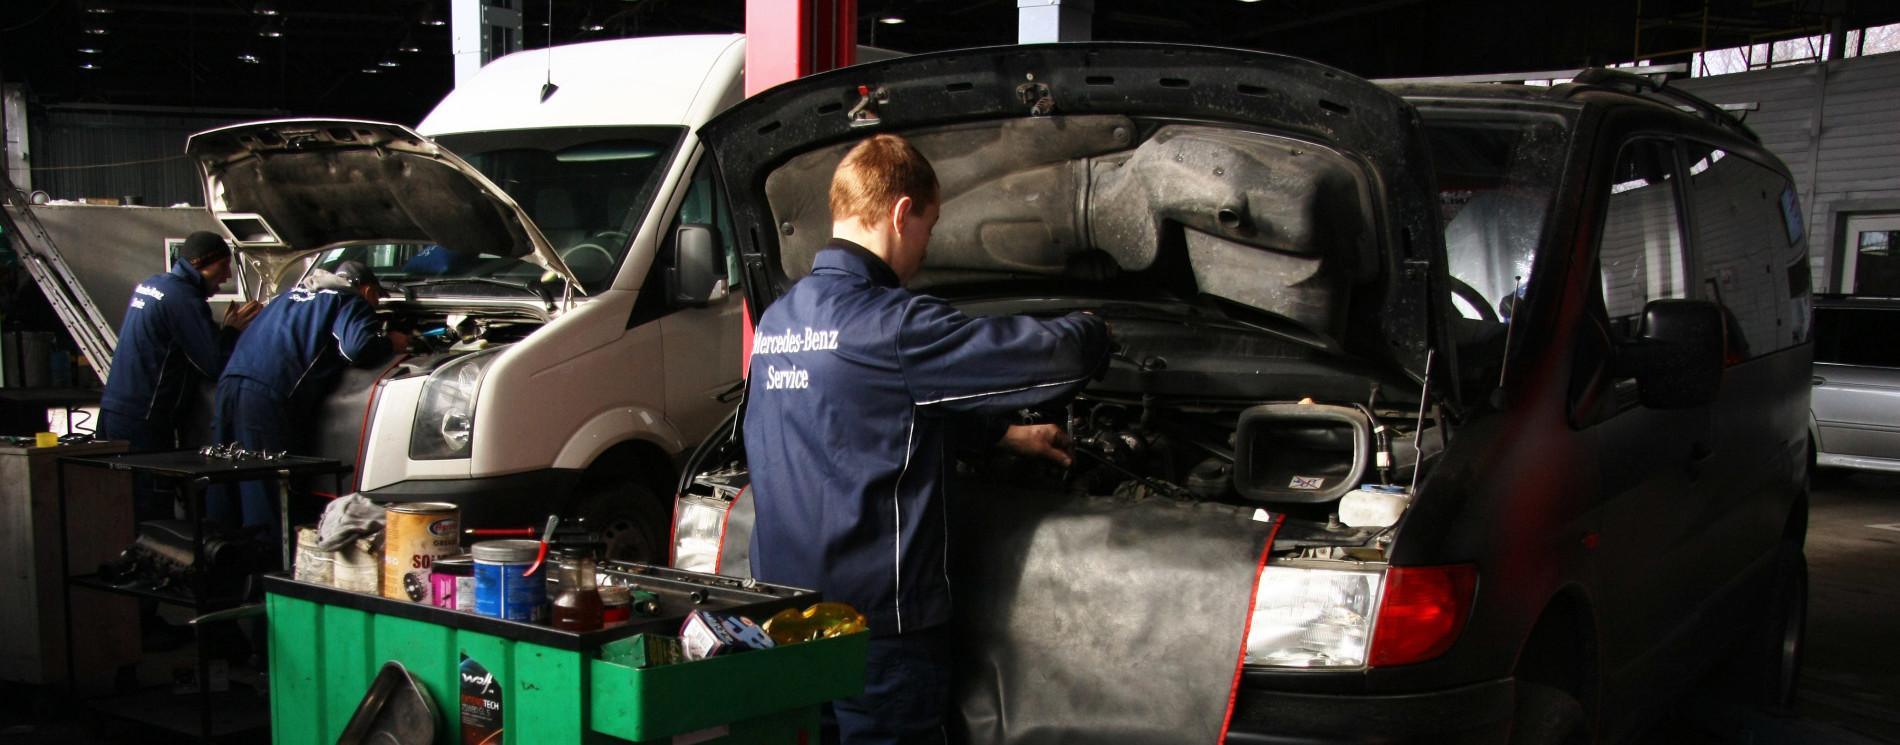 СТО в Харькове - дизель сервис Truckmotors